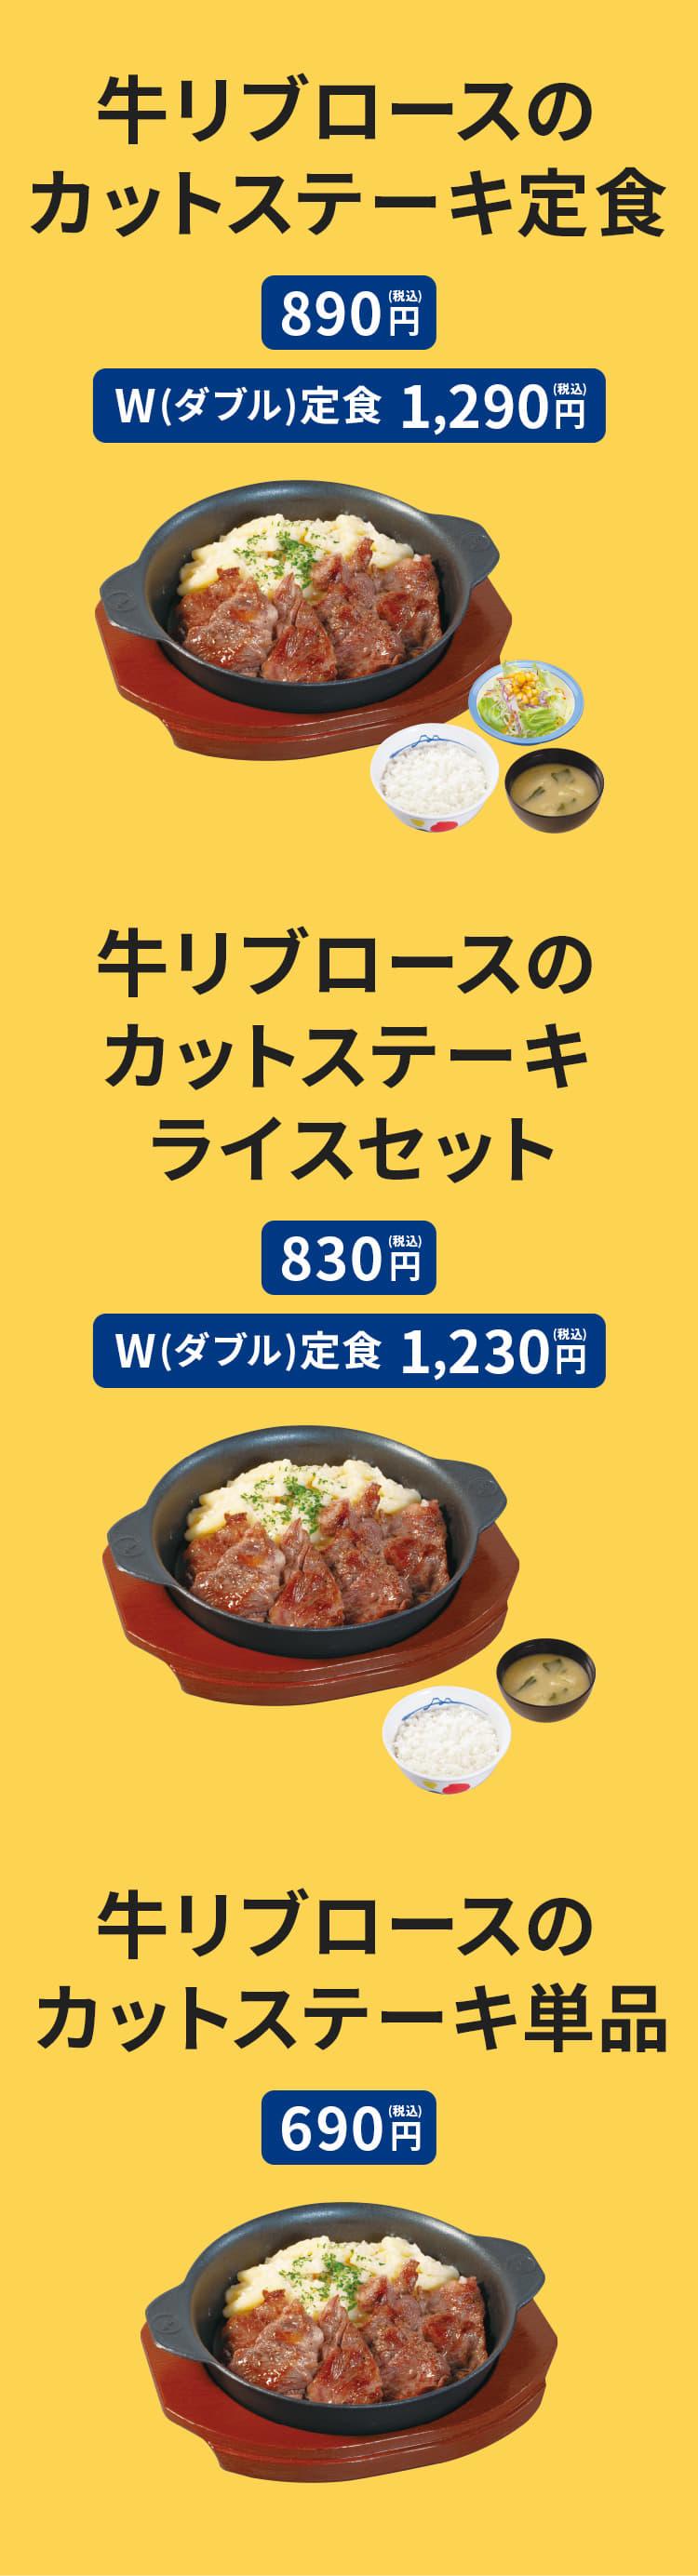 牛リブロースのカットステーキ定食(ライス・みそ汁・生野菜付)890円。 牛リブロースのカットステーキW(ダブル)定食(お肉2倍・ライス・みそ汁・生野菜付)1,290円。 牛リブロースのカットステーキライスセット(ライス・みそ汁付) 830円。 牛リブロースのカットステーキライスW(ダブル)セット(お肉2倍・ライス・みそ汁付)1,230円。 牛リブロースのカットステーキ単品 690円。